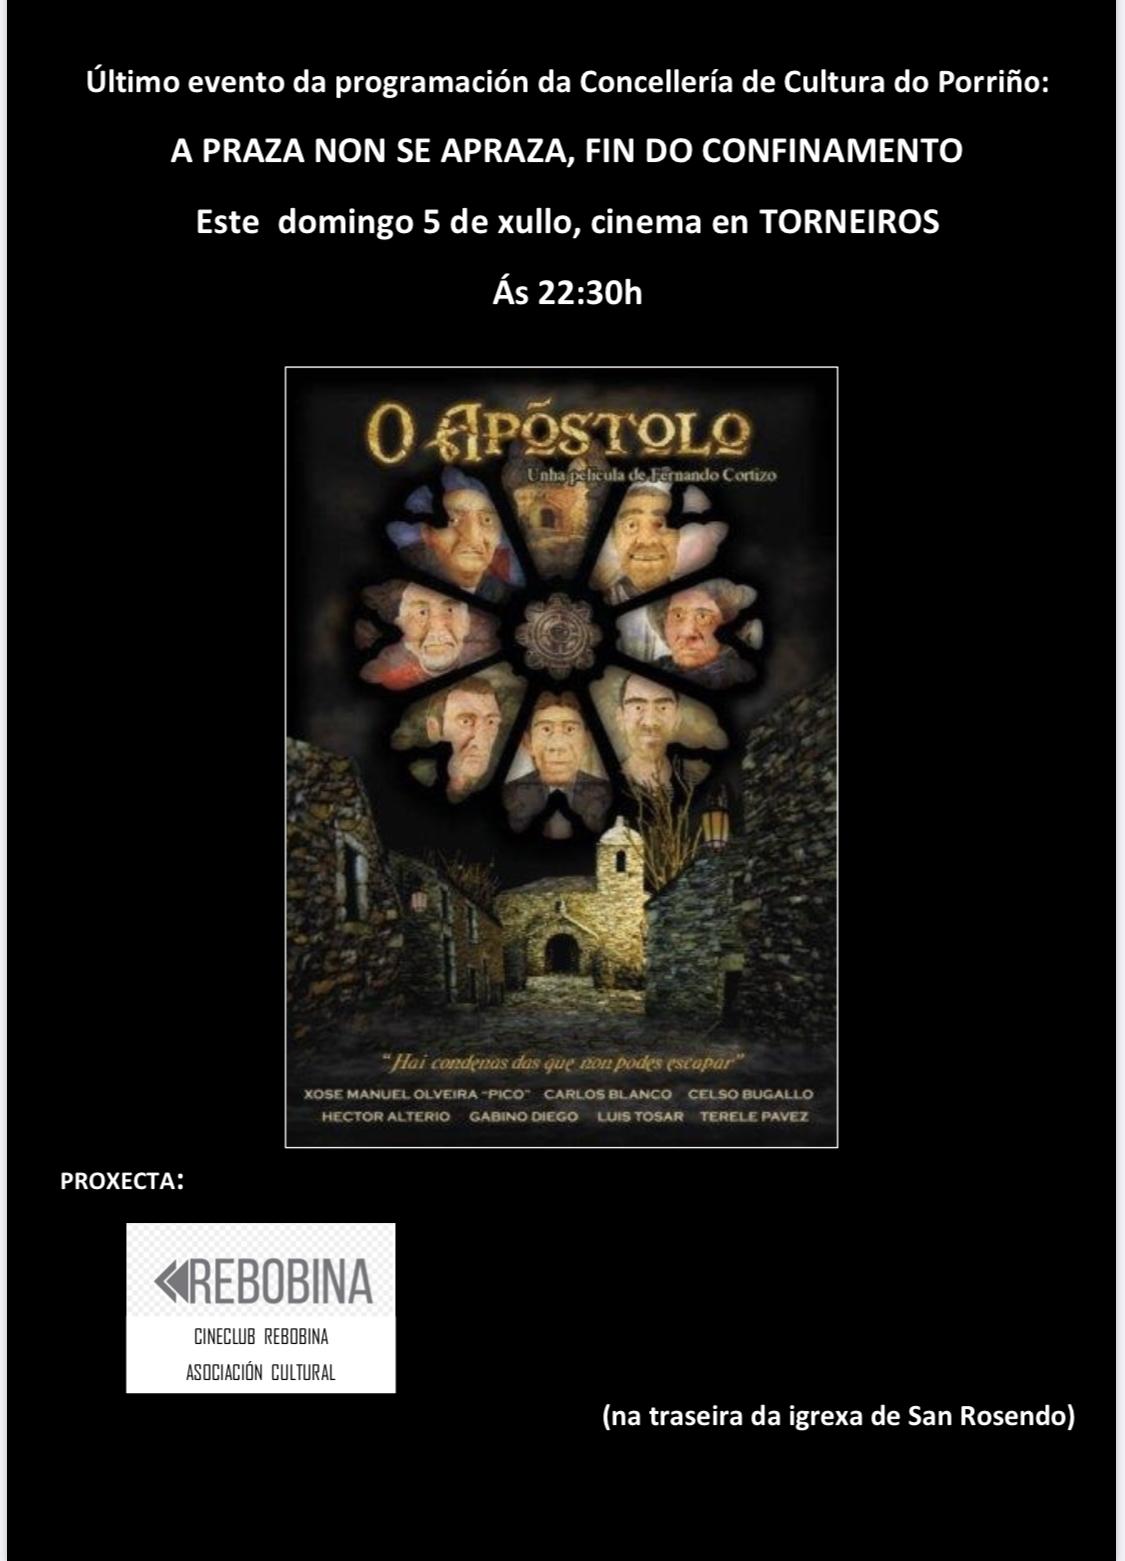 """Unha sesión de cinema na rúa, en Torneiros, pechará a programación """"A praza non se apraza""""."""